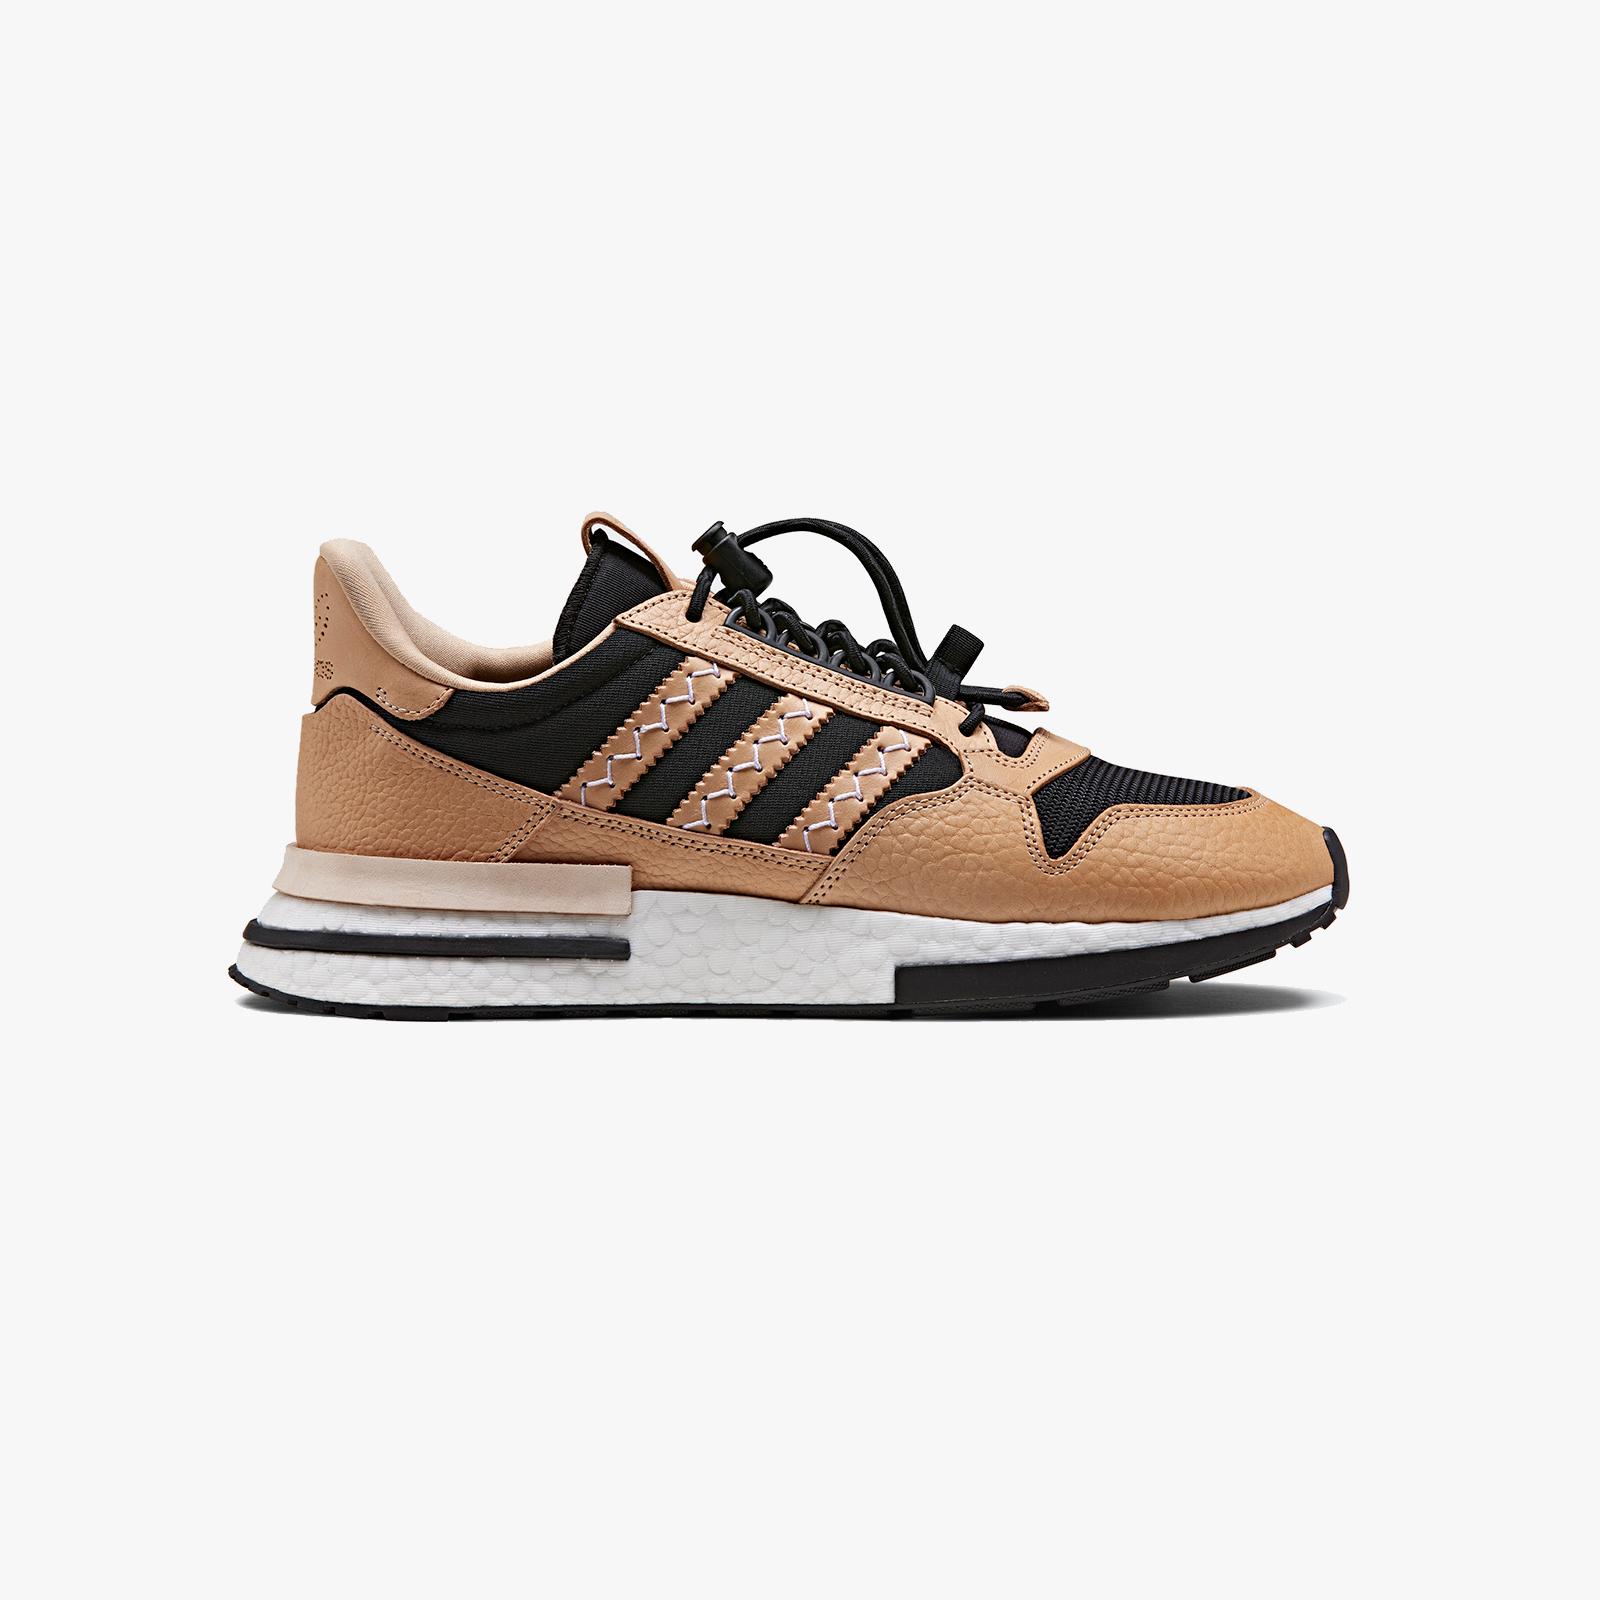 1b81a561d adidas ZX 500 RM MT x Hender Scheme - F36045 - Sneakersnstuff ...